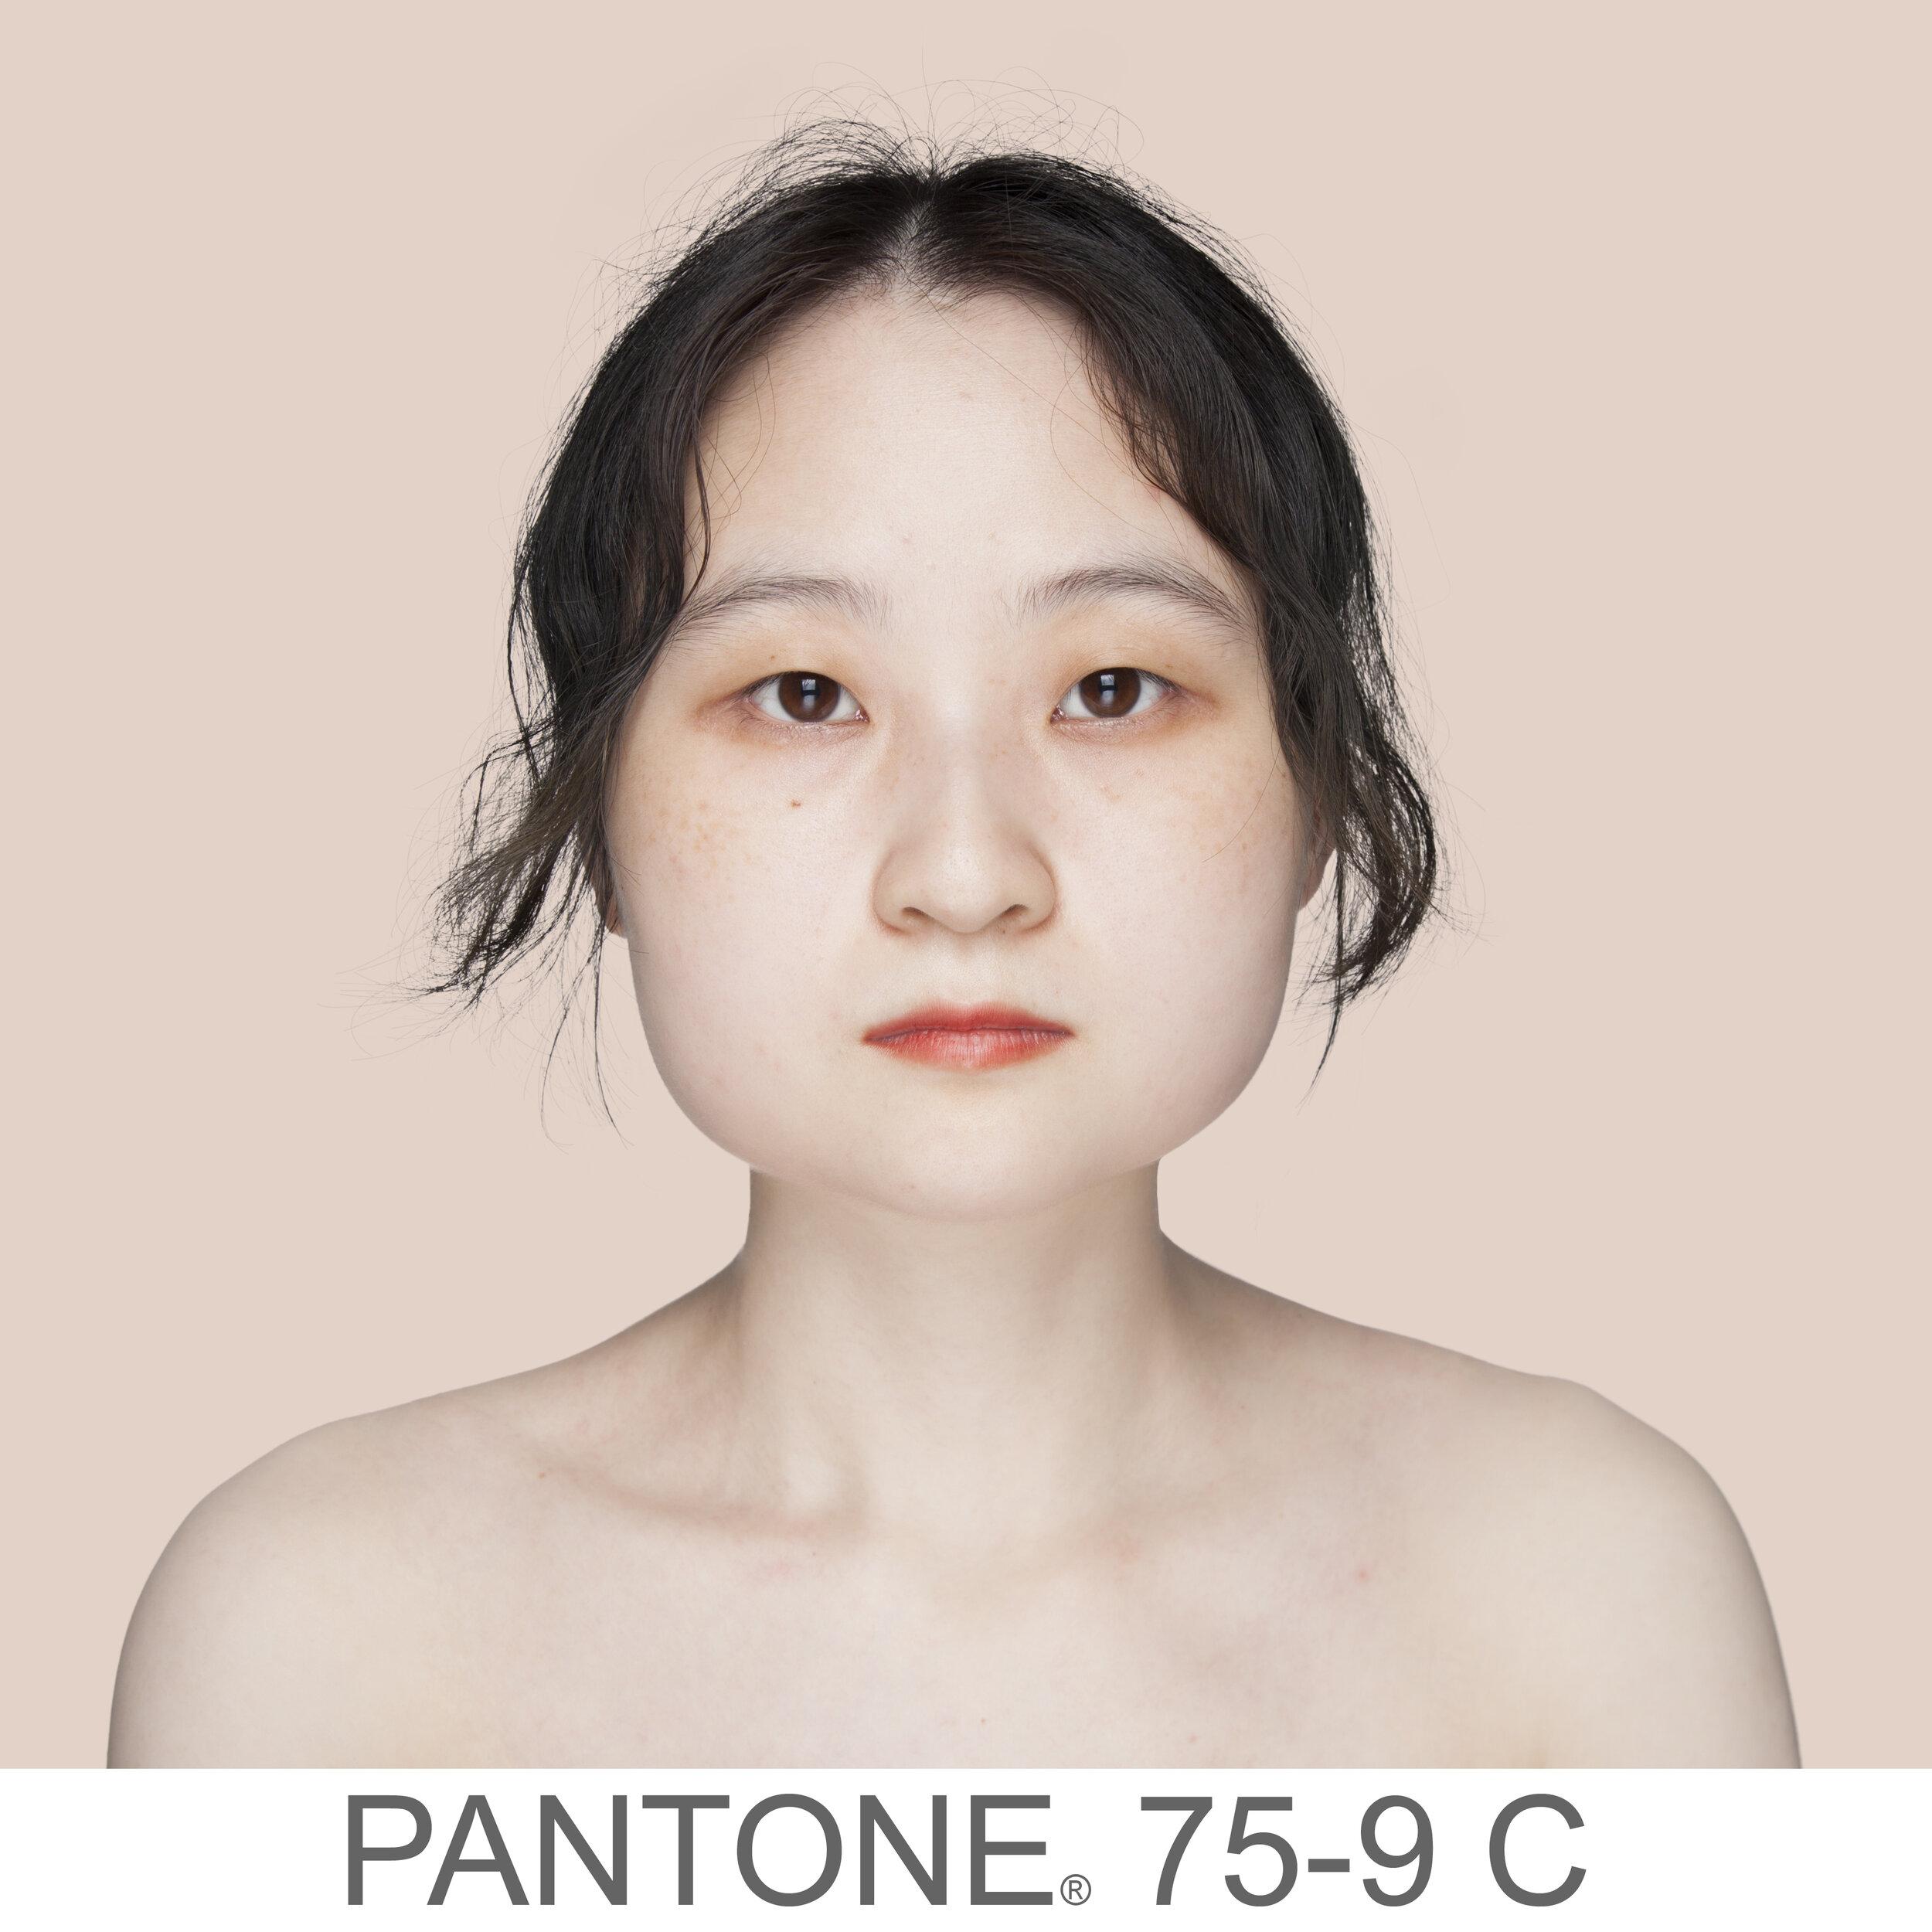 humanae 75-9 C1 CN copia.jpg